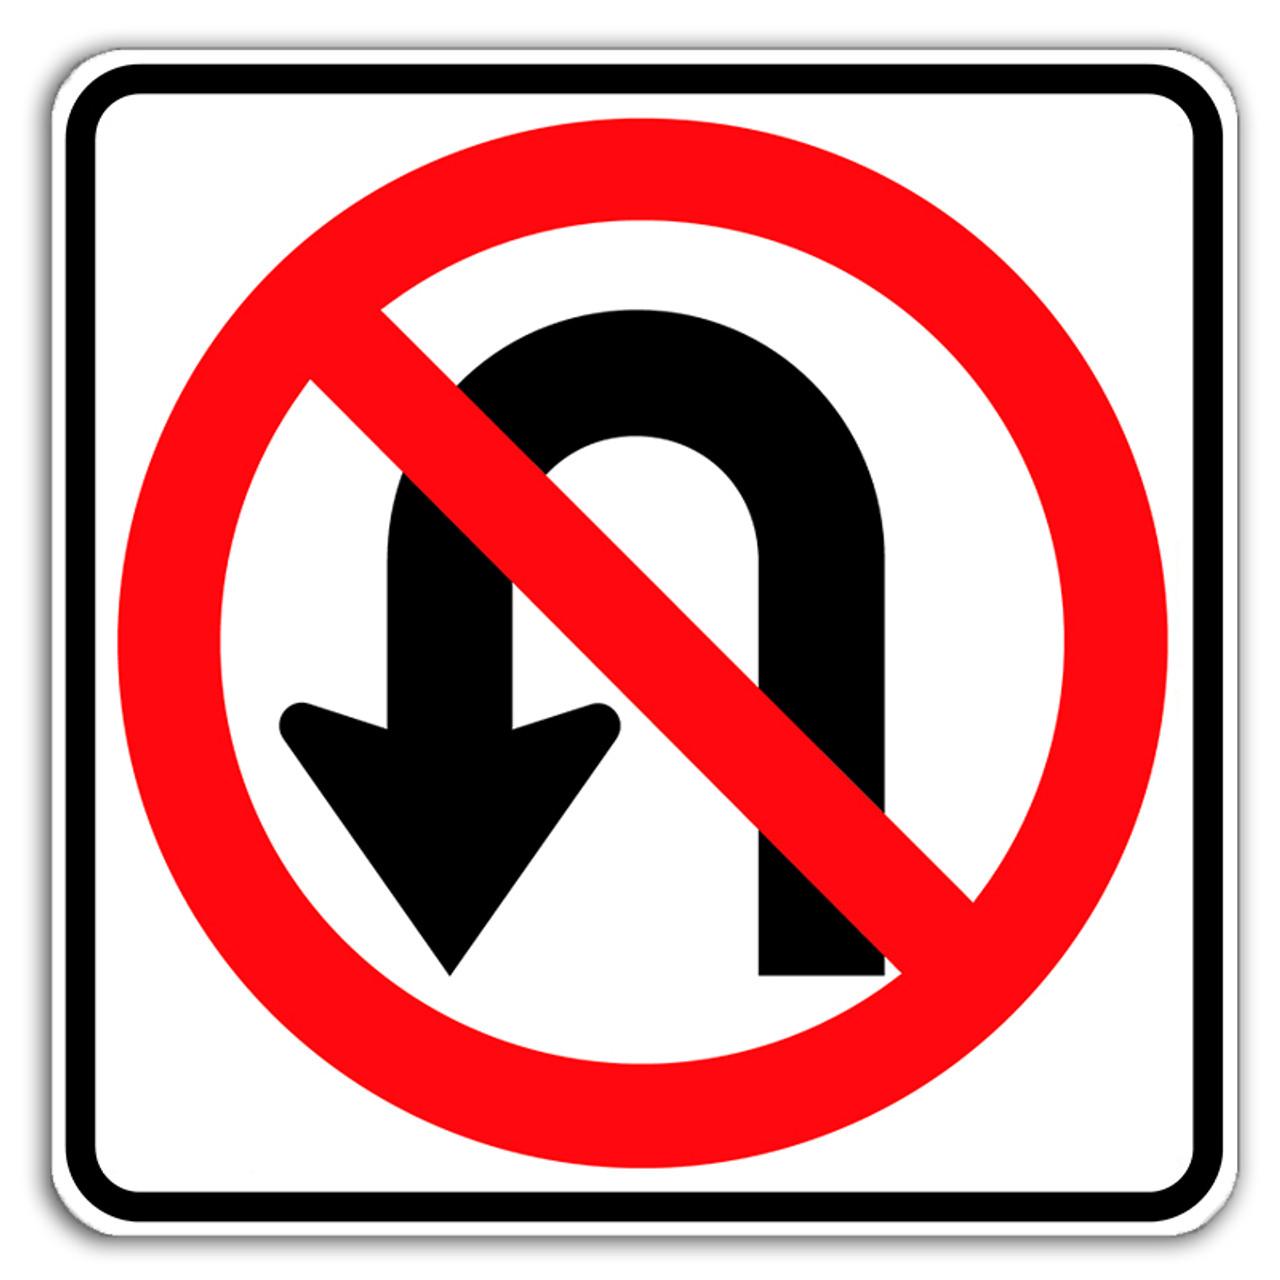 R3 2 Sign >> R3 4 No U Turn Sign